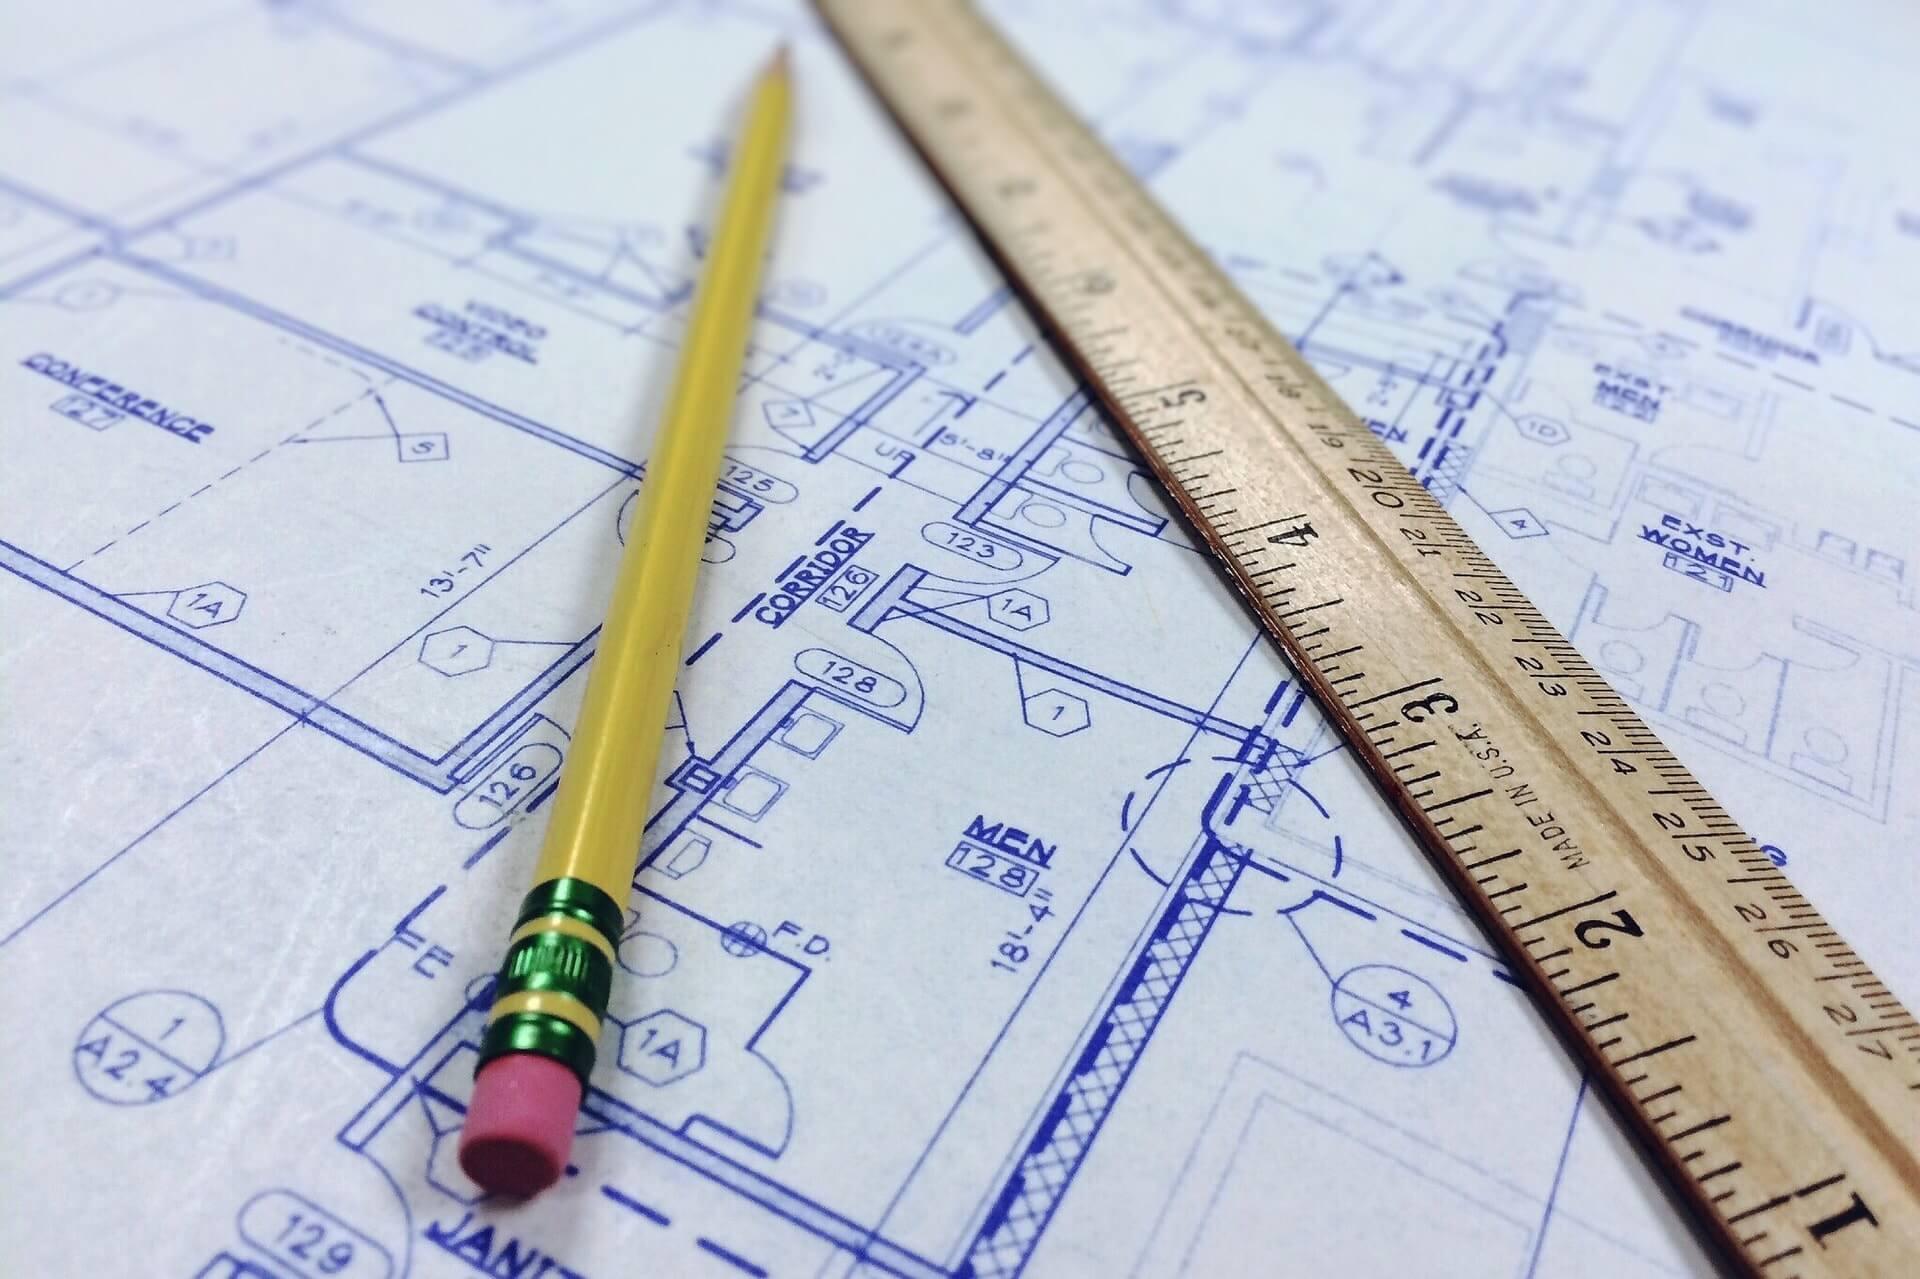 Arquitectto